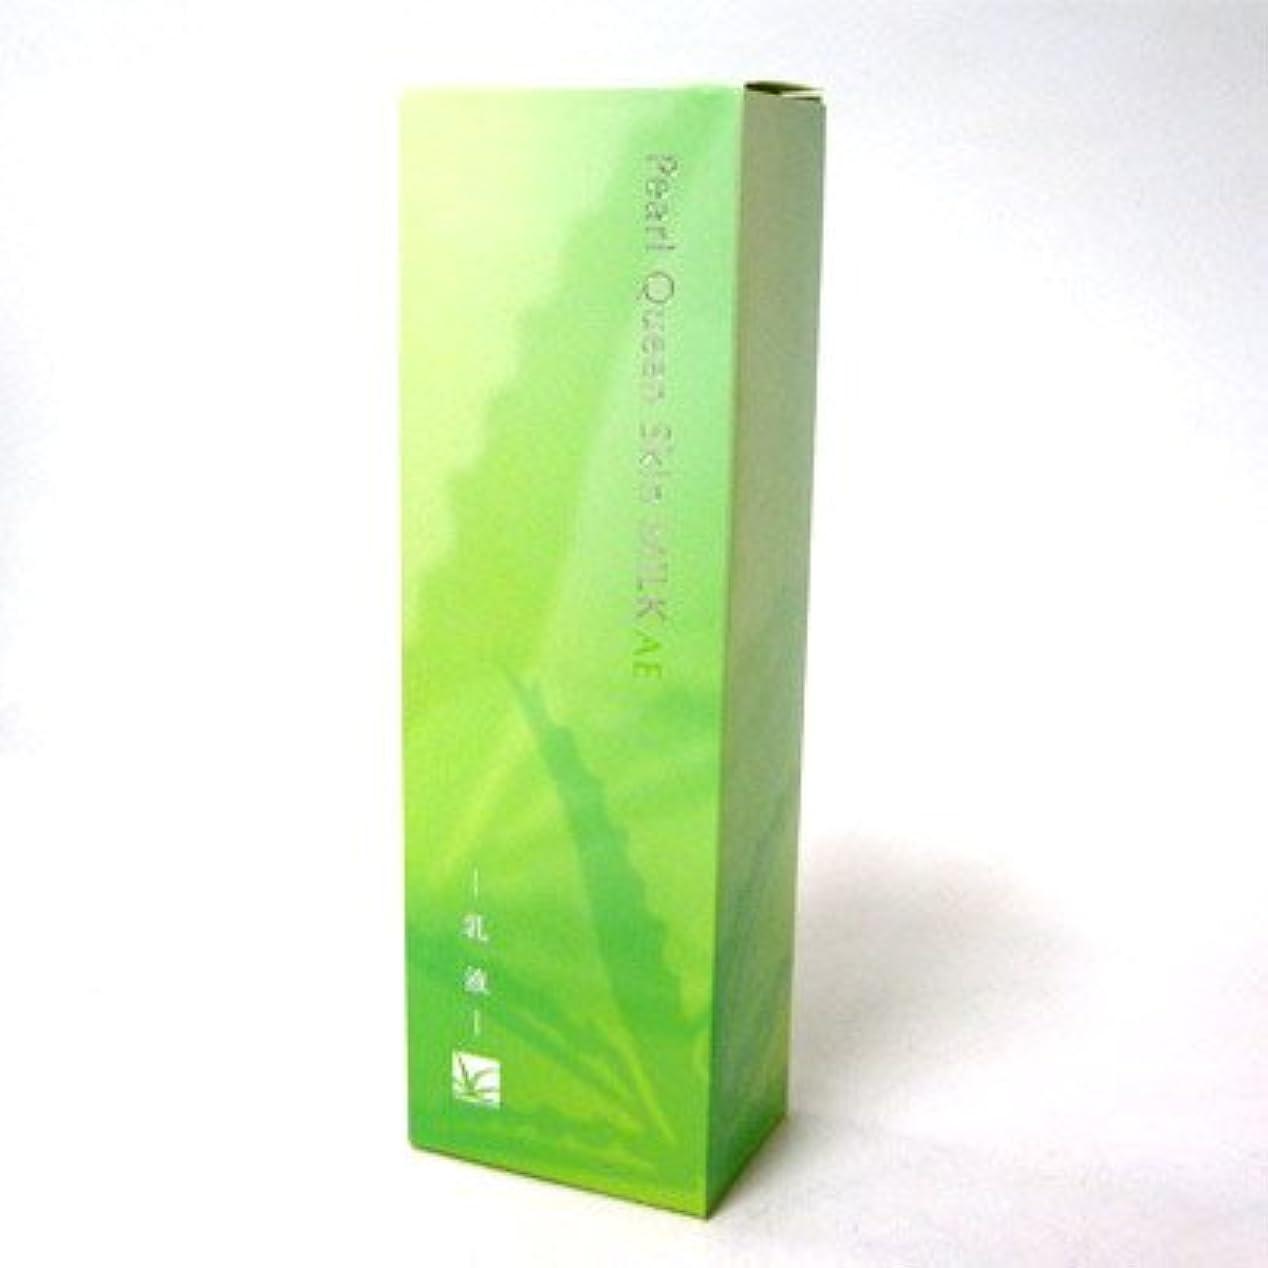 夫婦製品解決するパールクィーン 薬用ホワイトニングミルク AE 120ml 医薬部外品